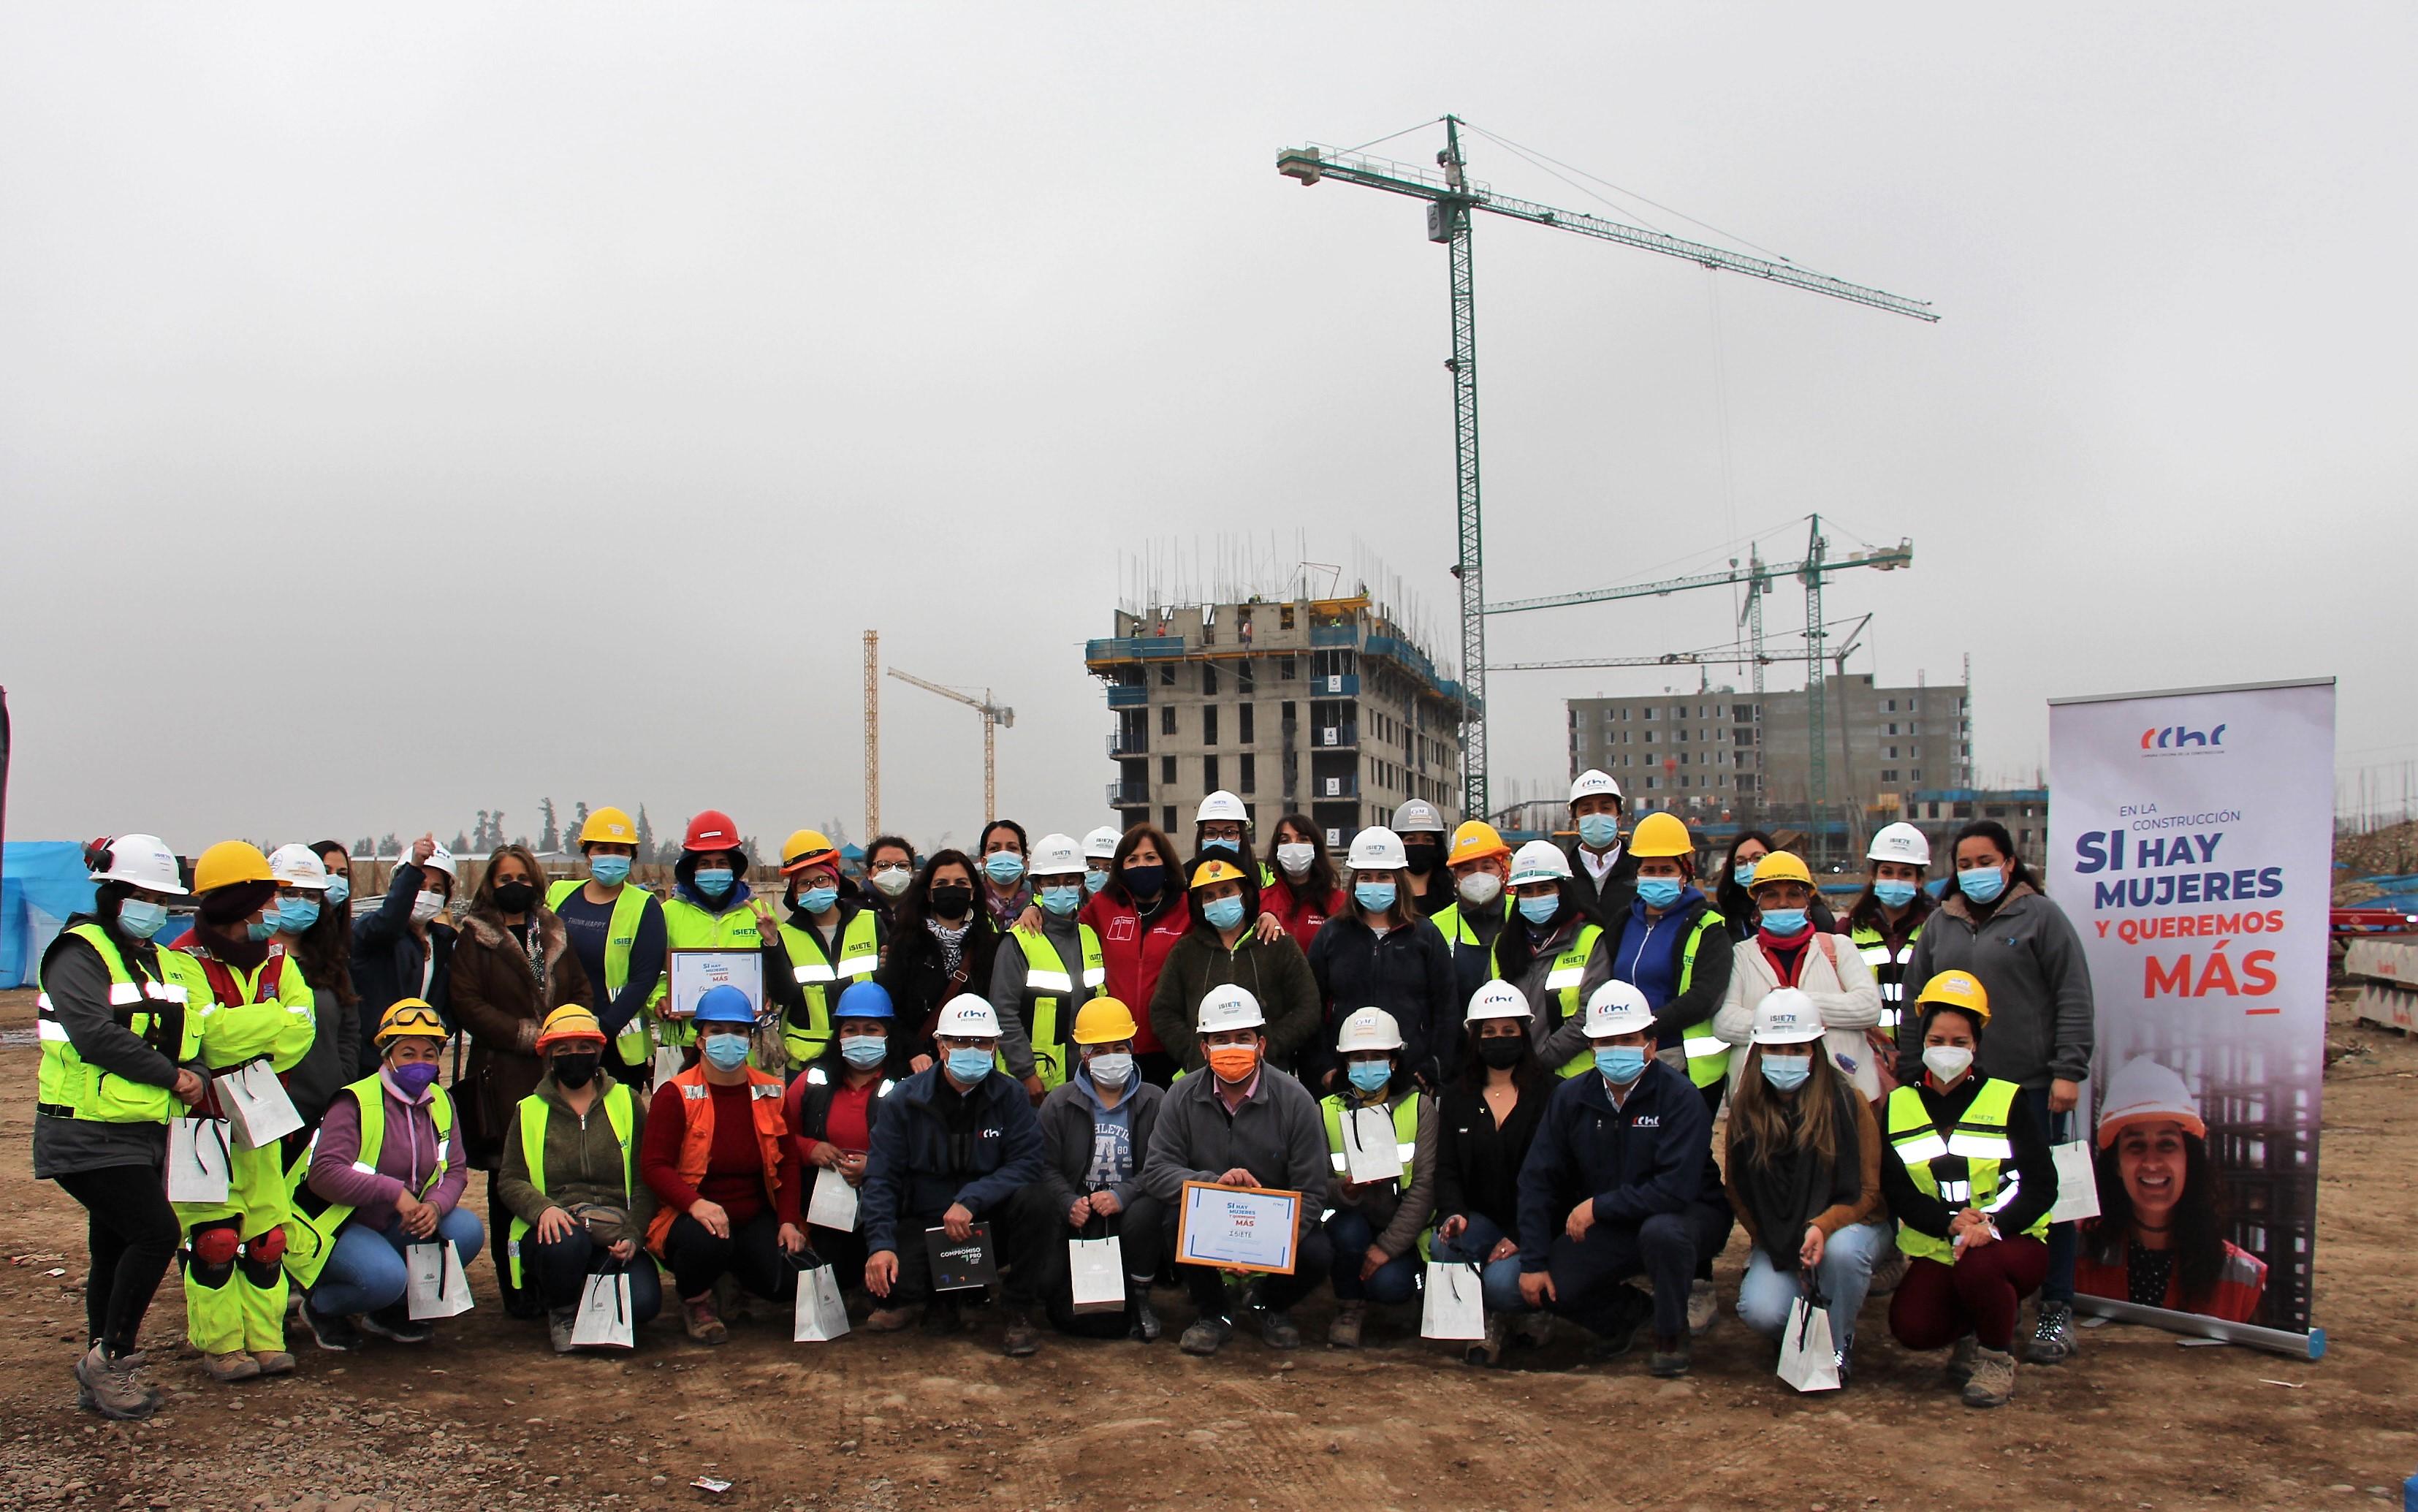 """CChC Rancagua destaca la participación femenina en el rubro y lanza campaña """"En la construcción, sí hay mujeres y queremos más"""". noticias"""